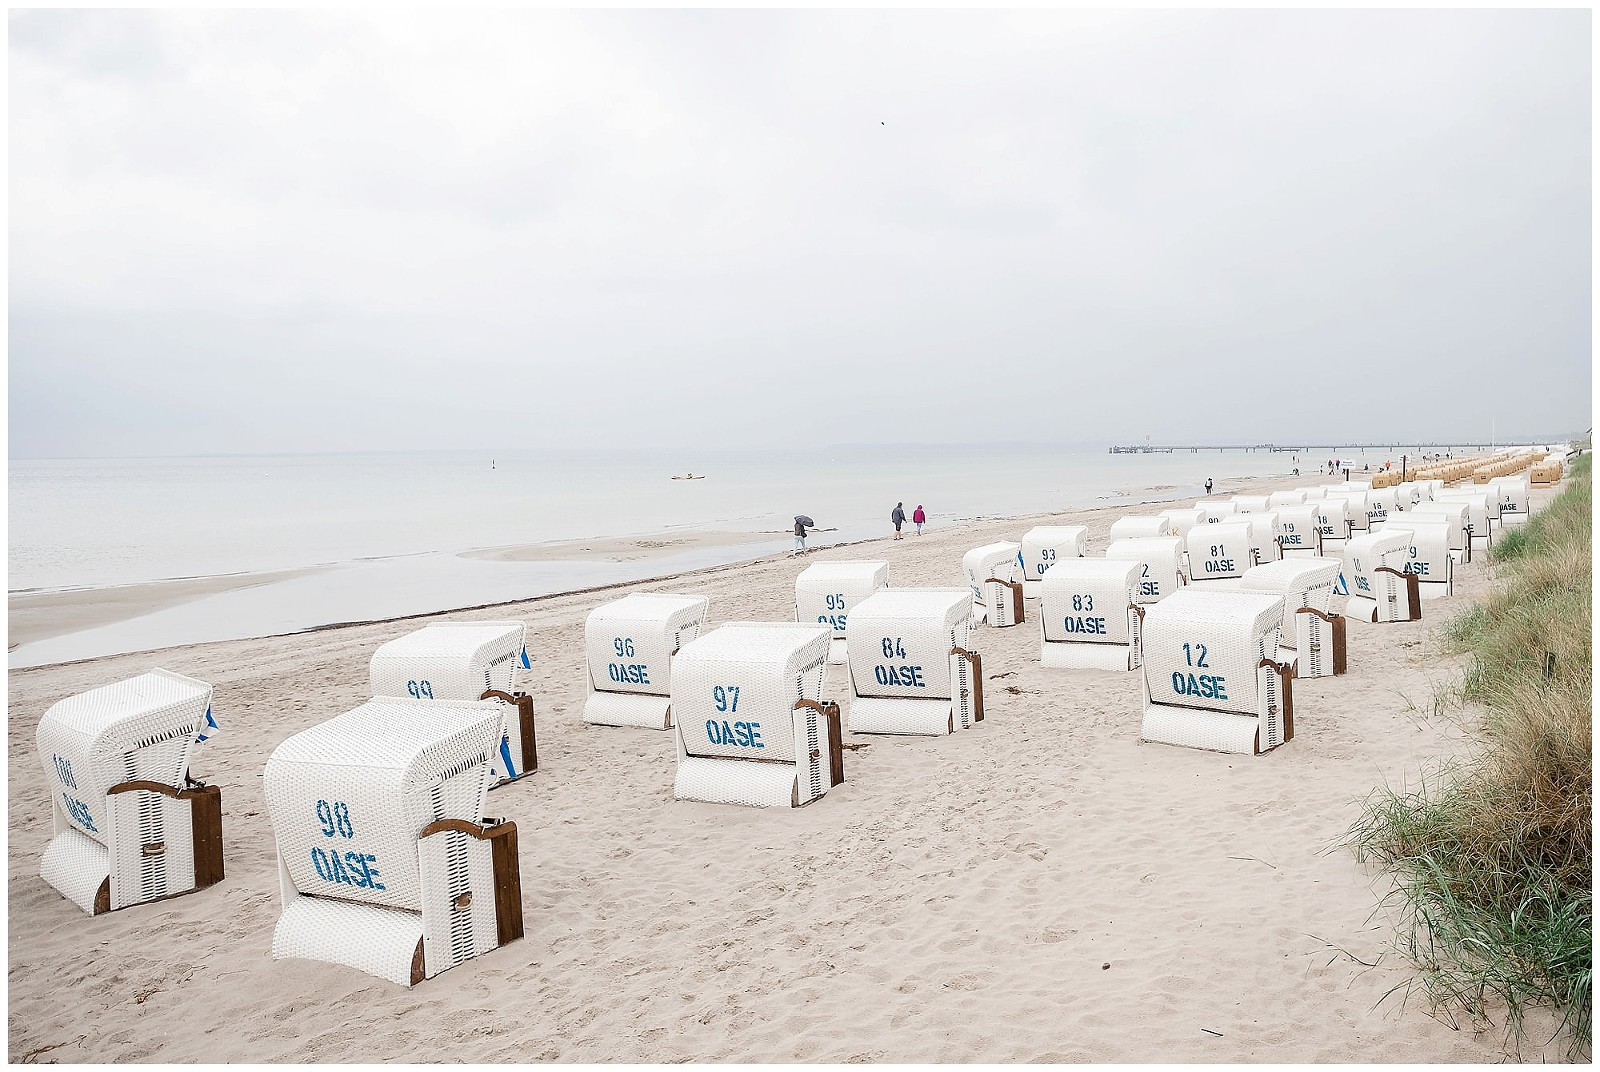 Der Strand von Scharbeutz an der Ostsee.